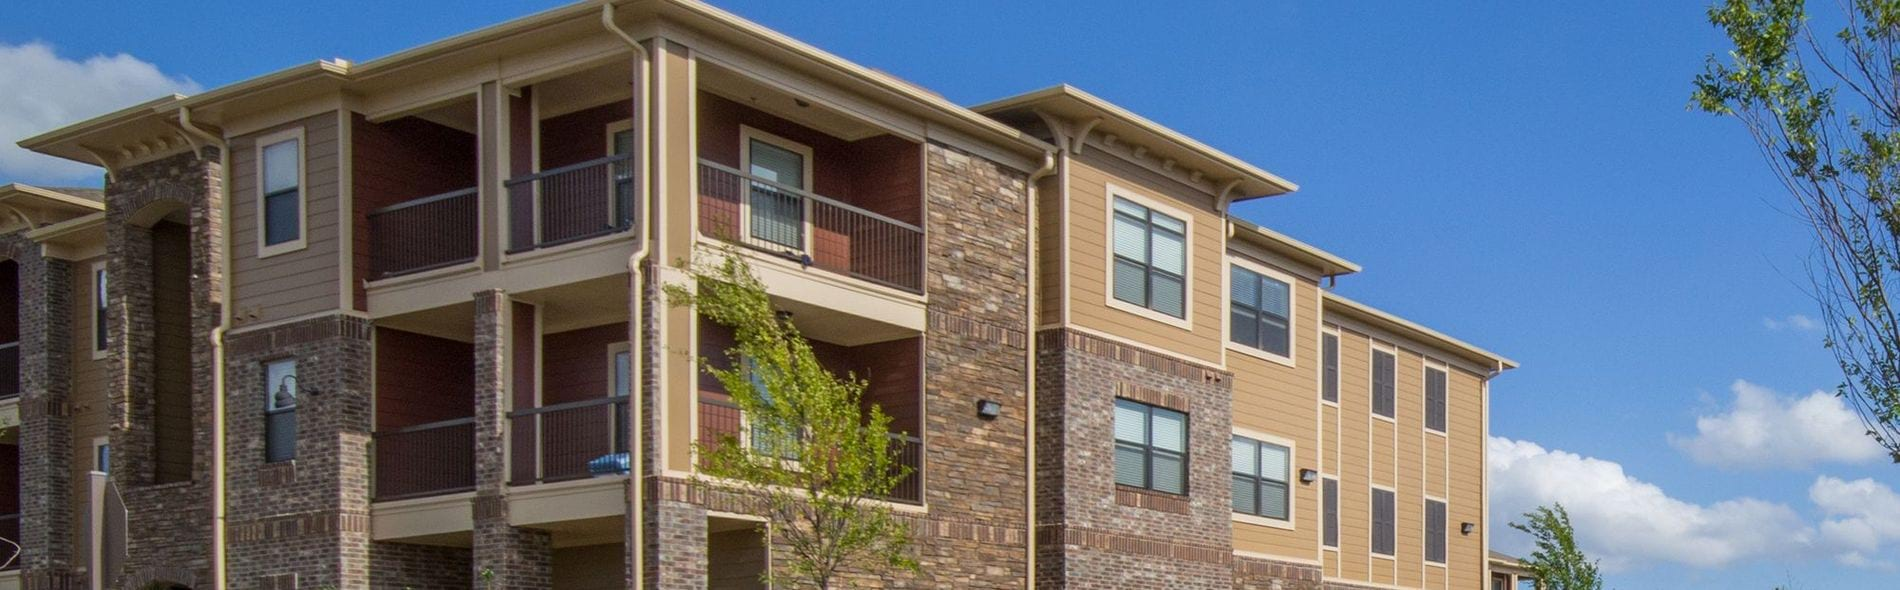 atria luxury apartments tulsa close and convenient